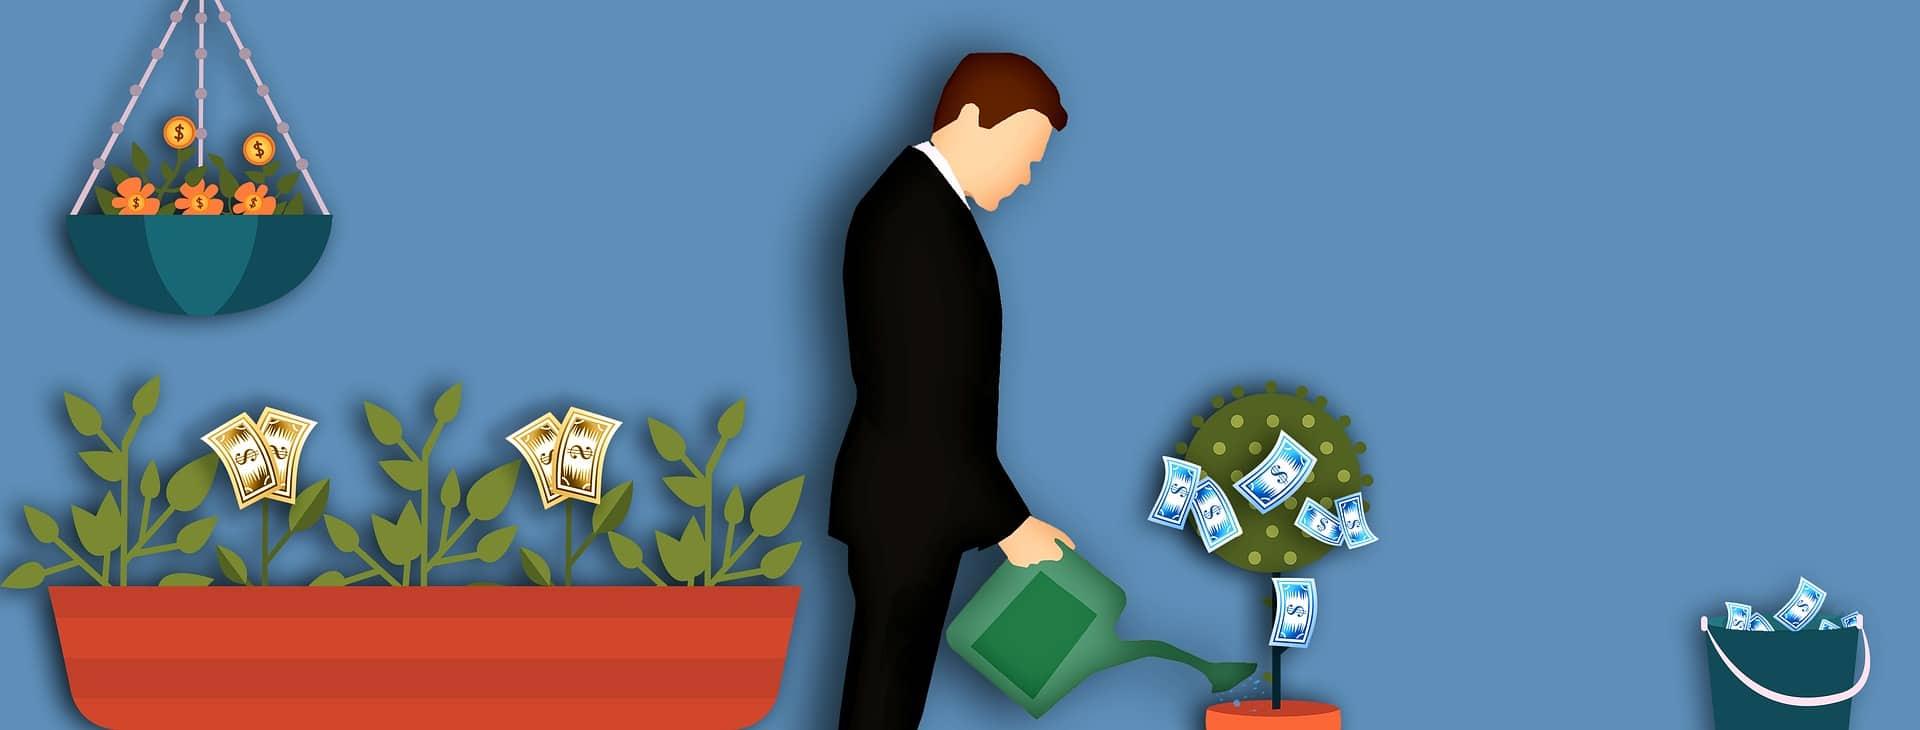 Las claves para ganar dinero